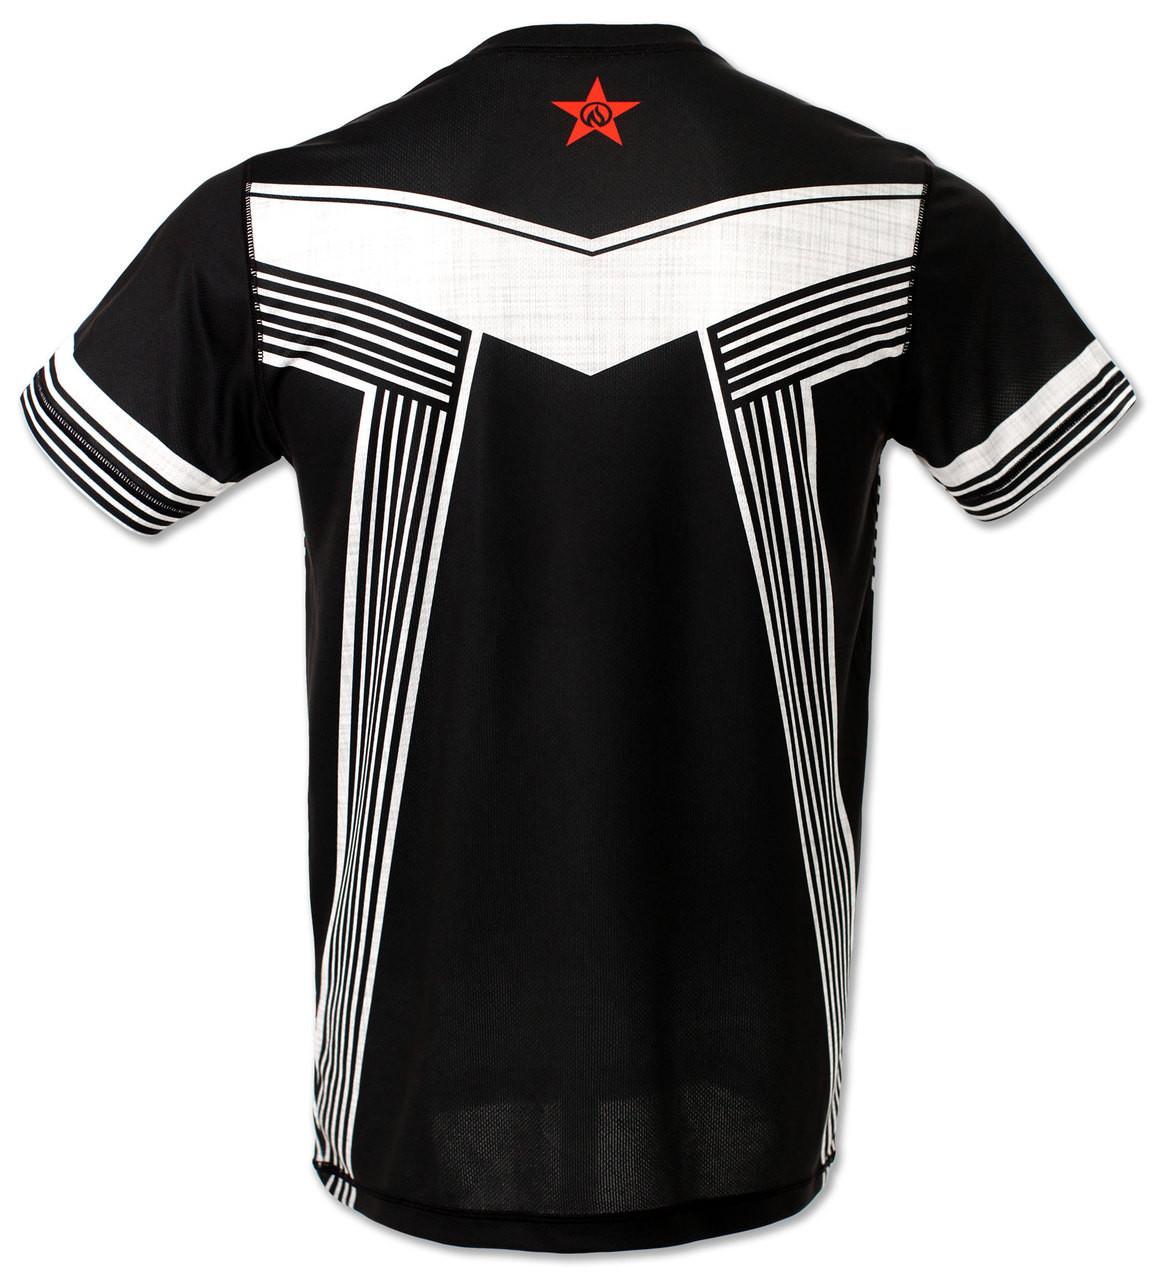 INKnBURN Men's California Tech Shirt Back